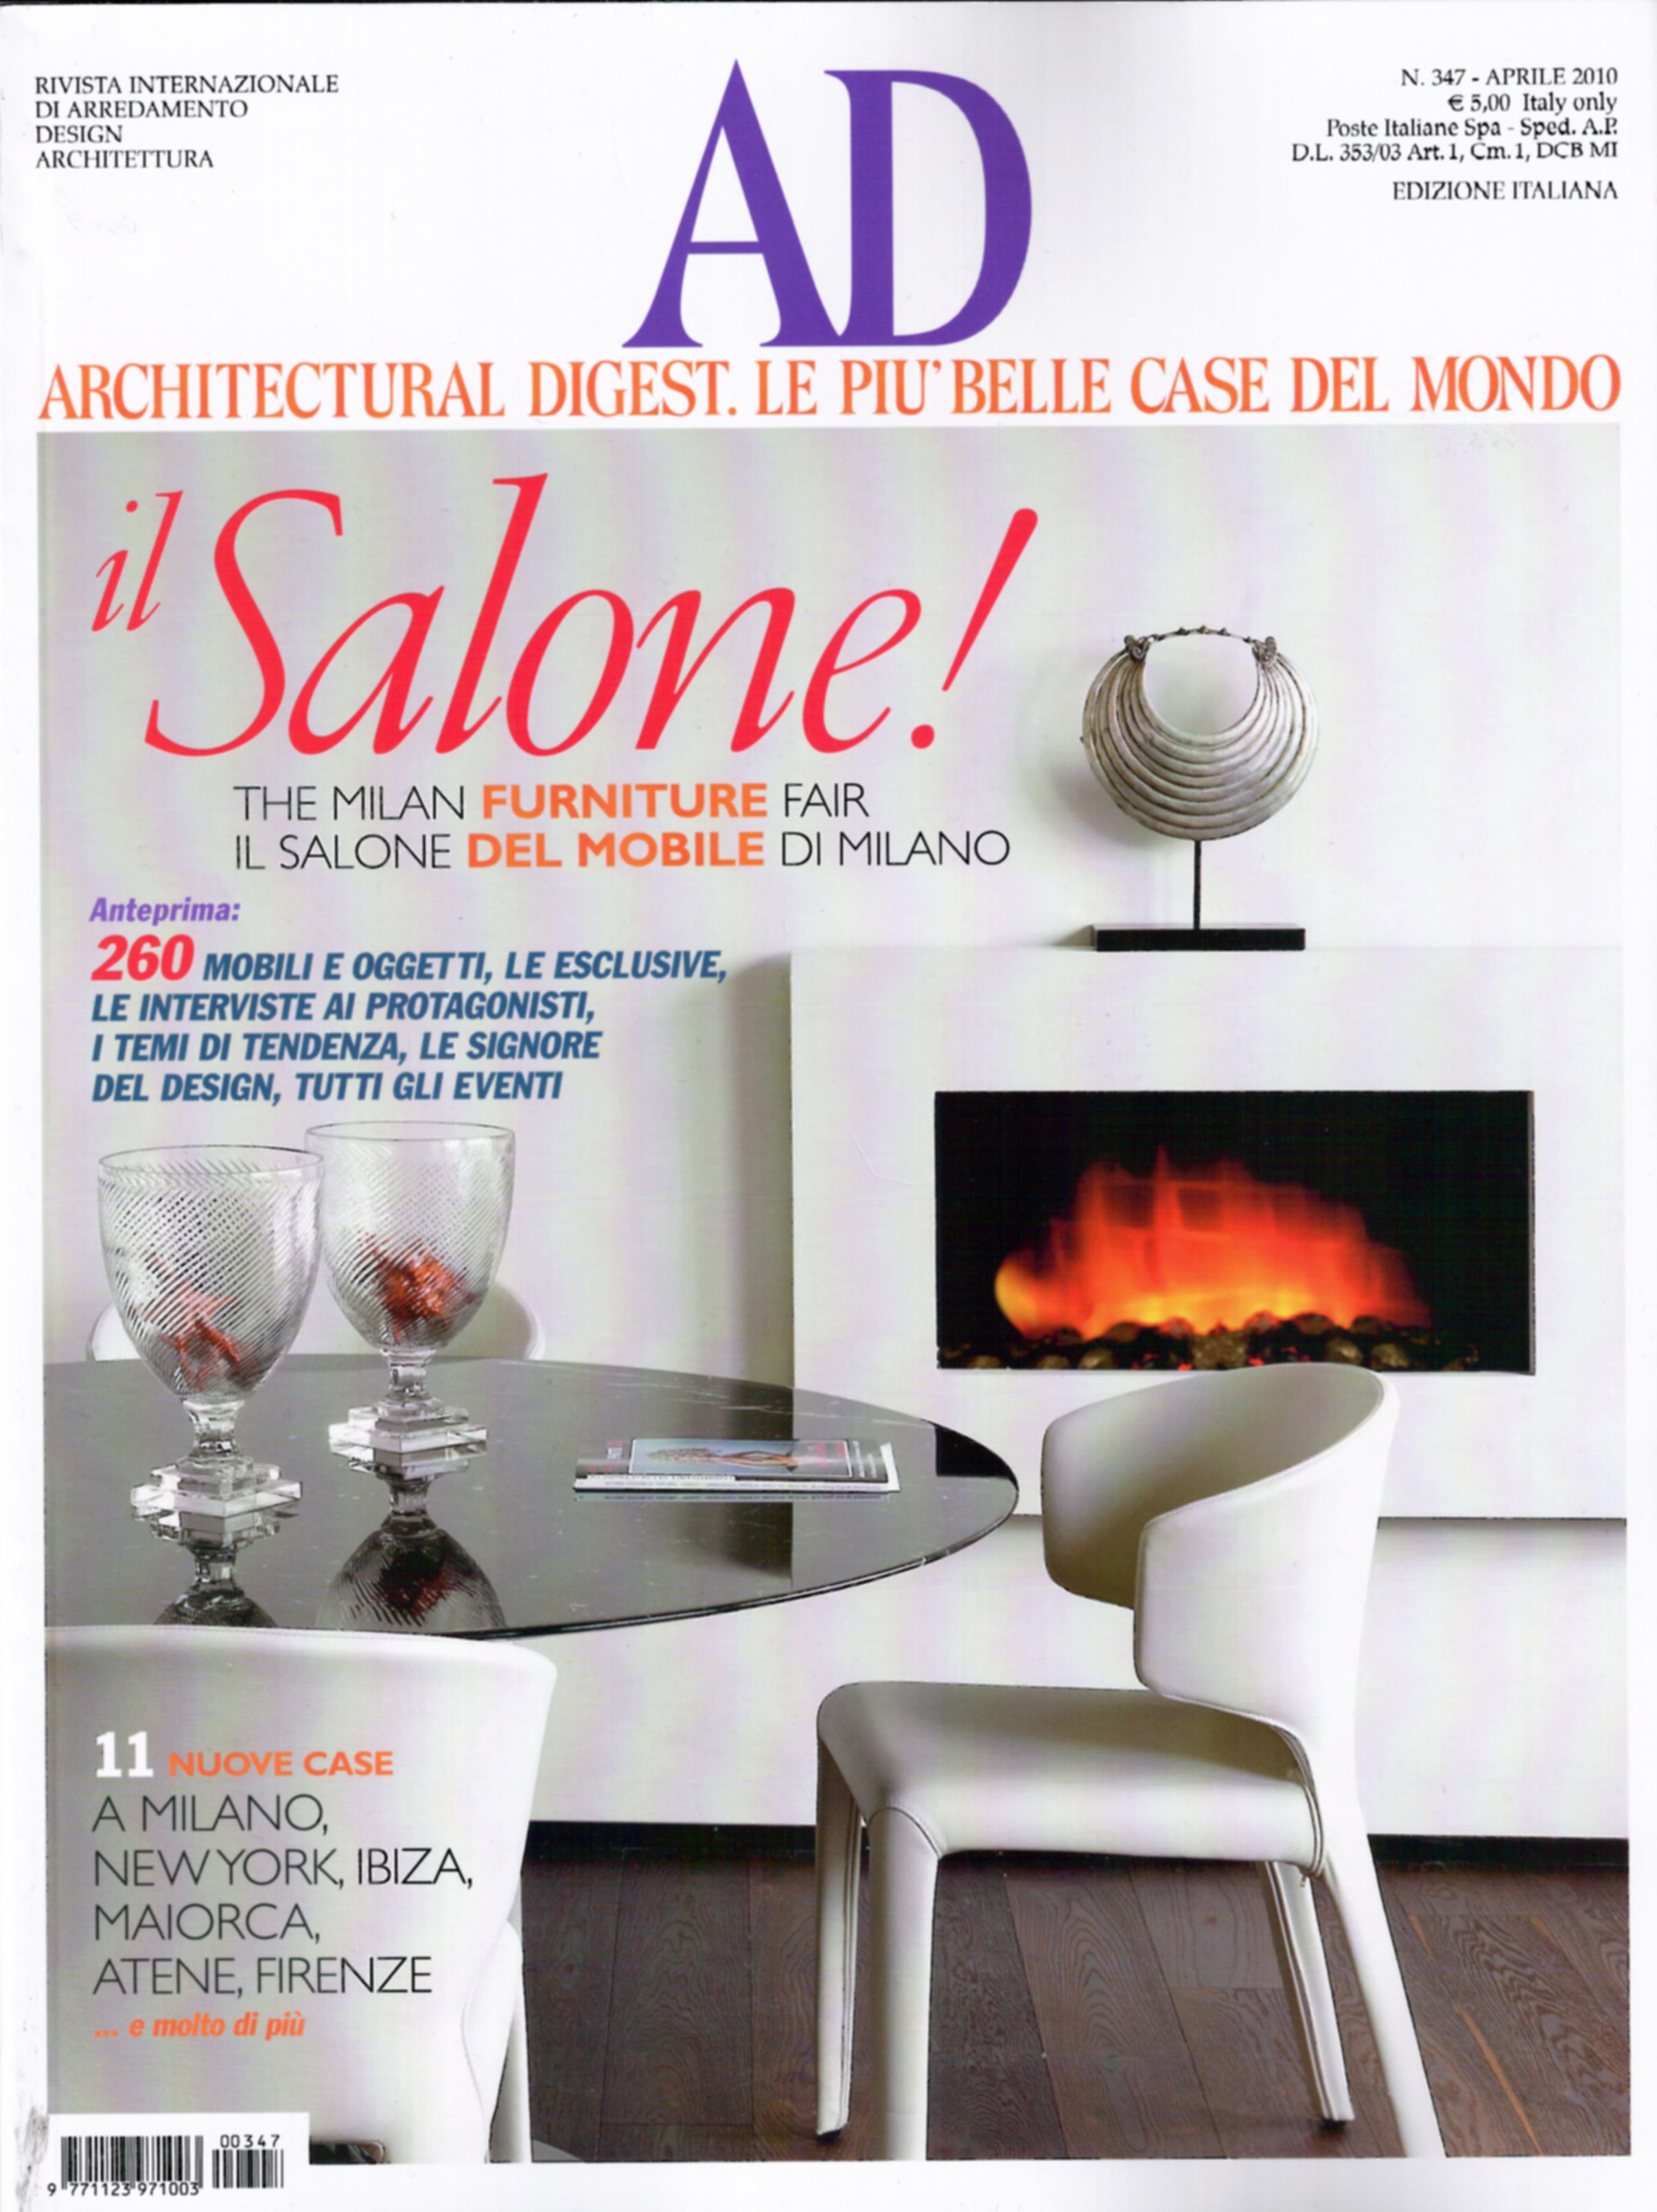 Le migliori riviste di arredamento helle kitchen for Arredamento di design tedesco